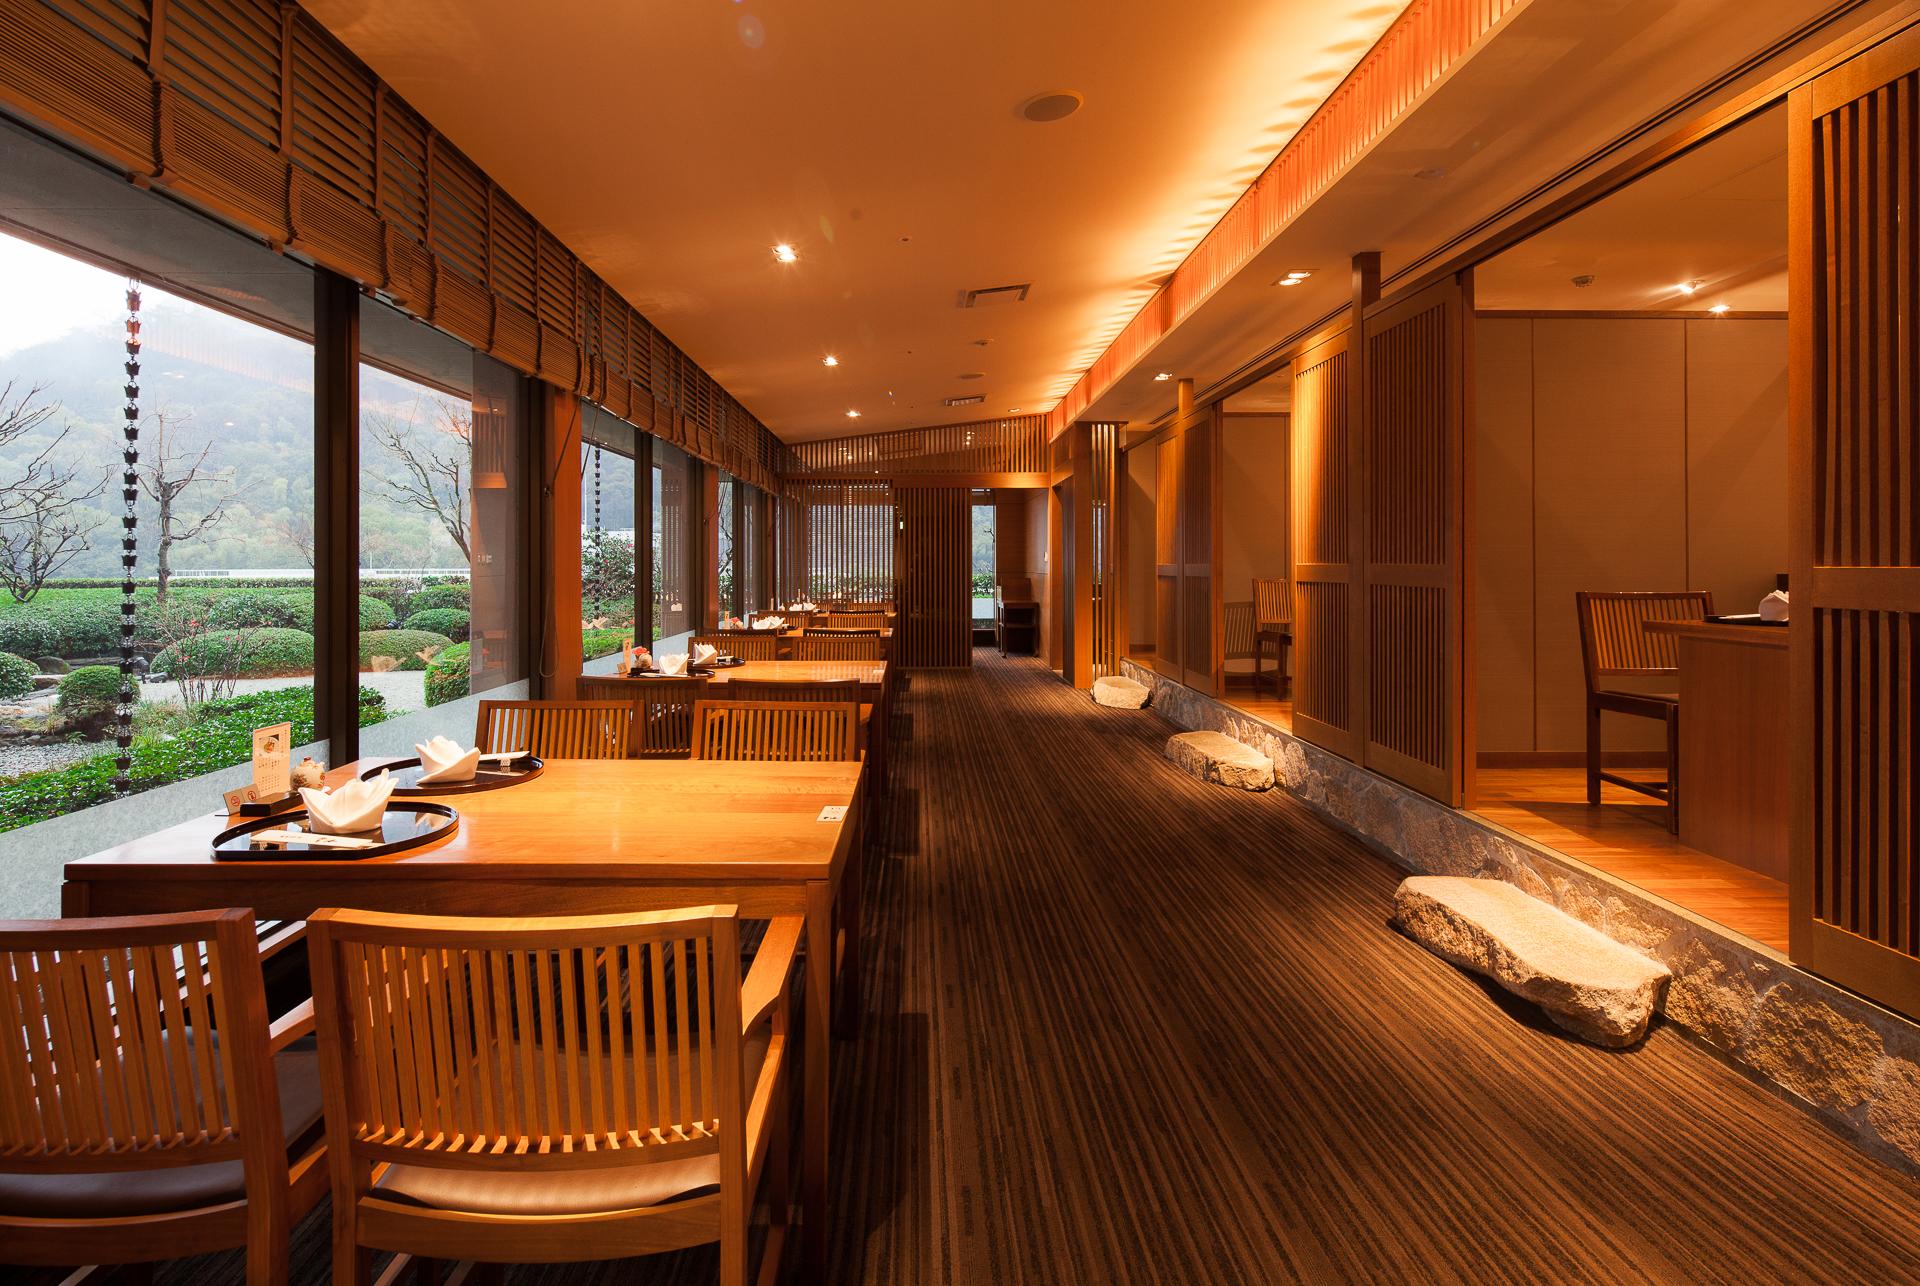 日本庭園を眺めながら、季節の料理をごゆっくりお楽しみください。